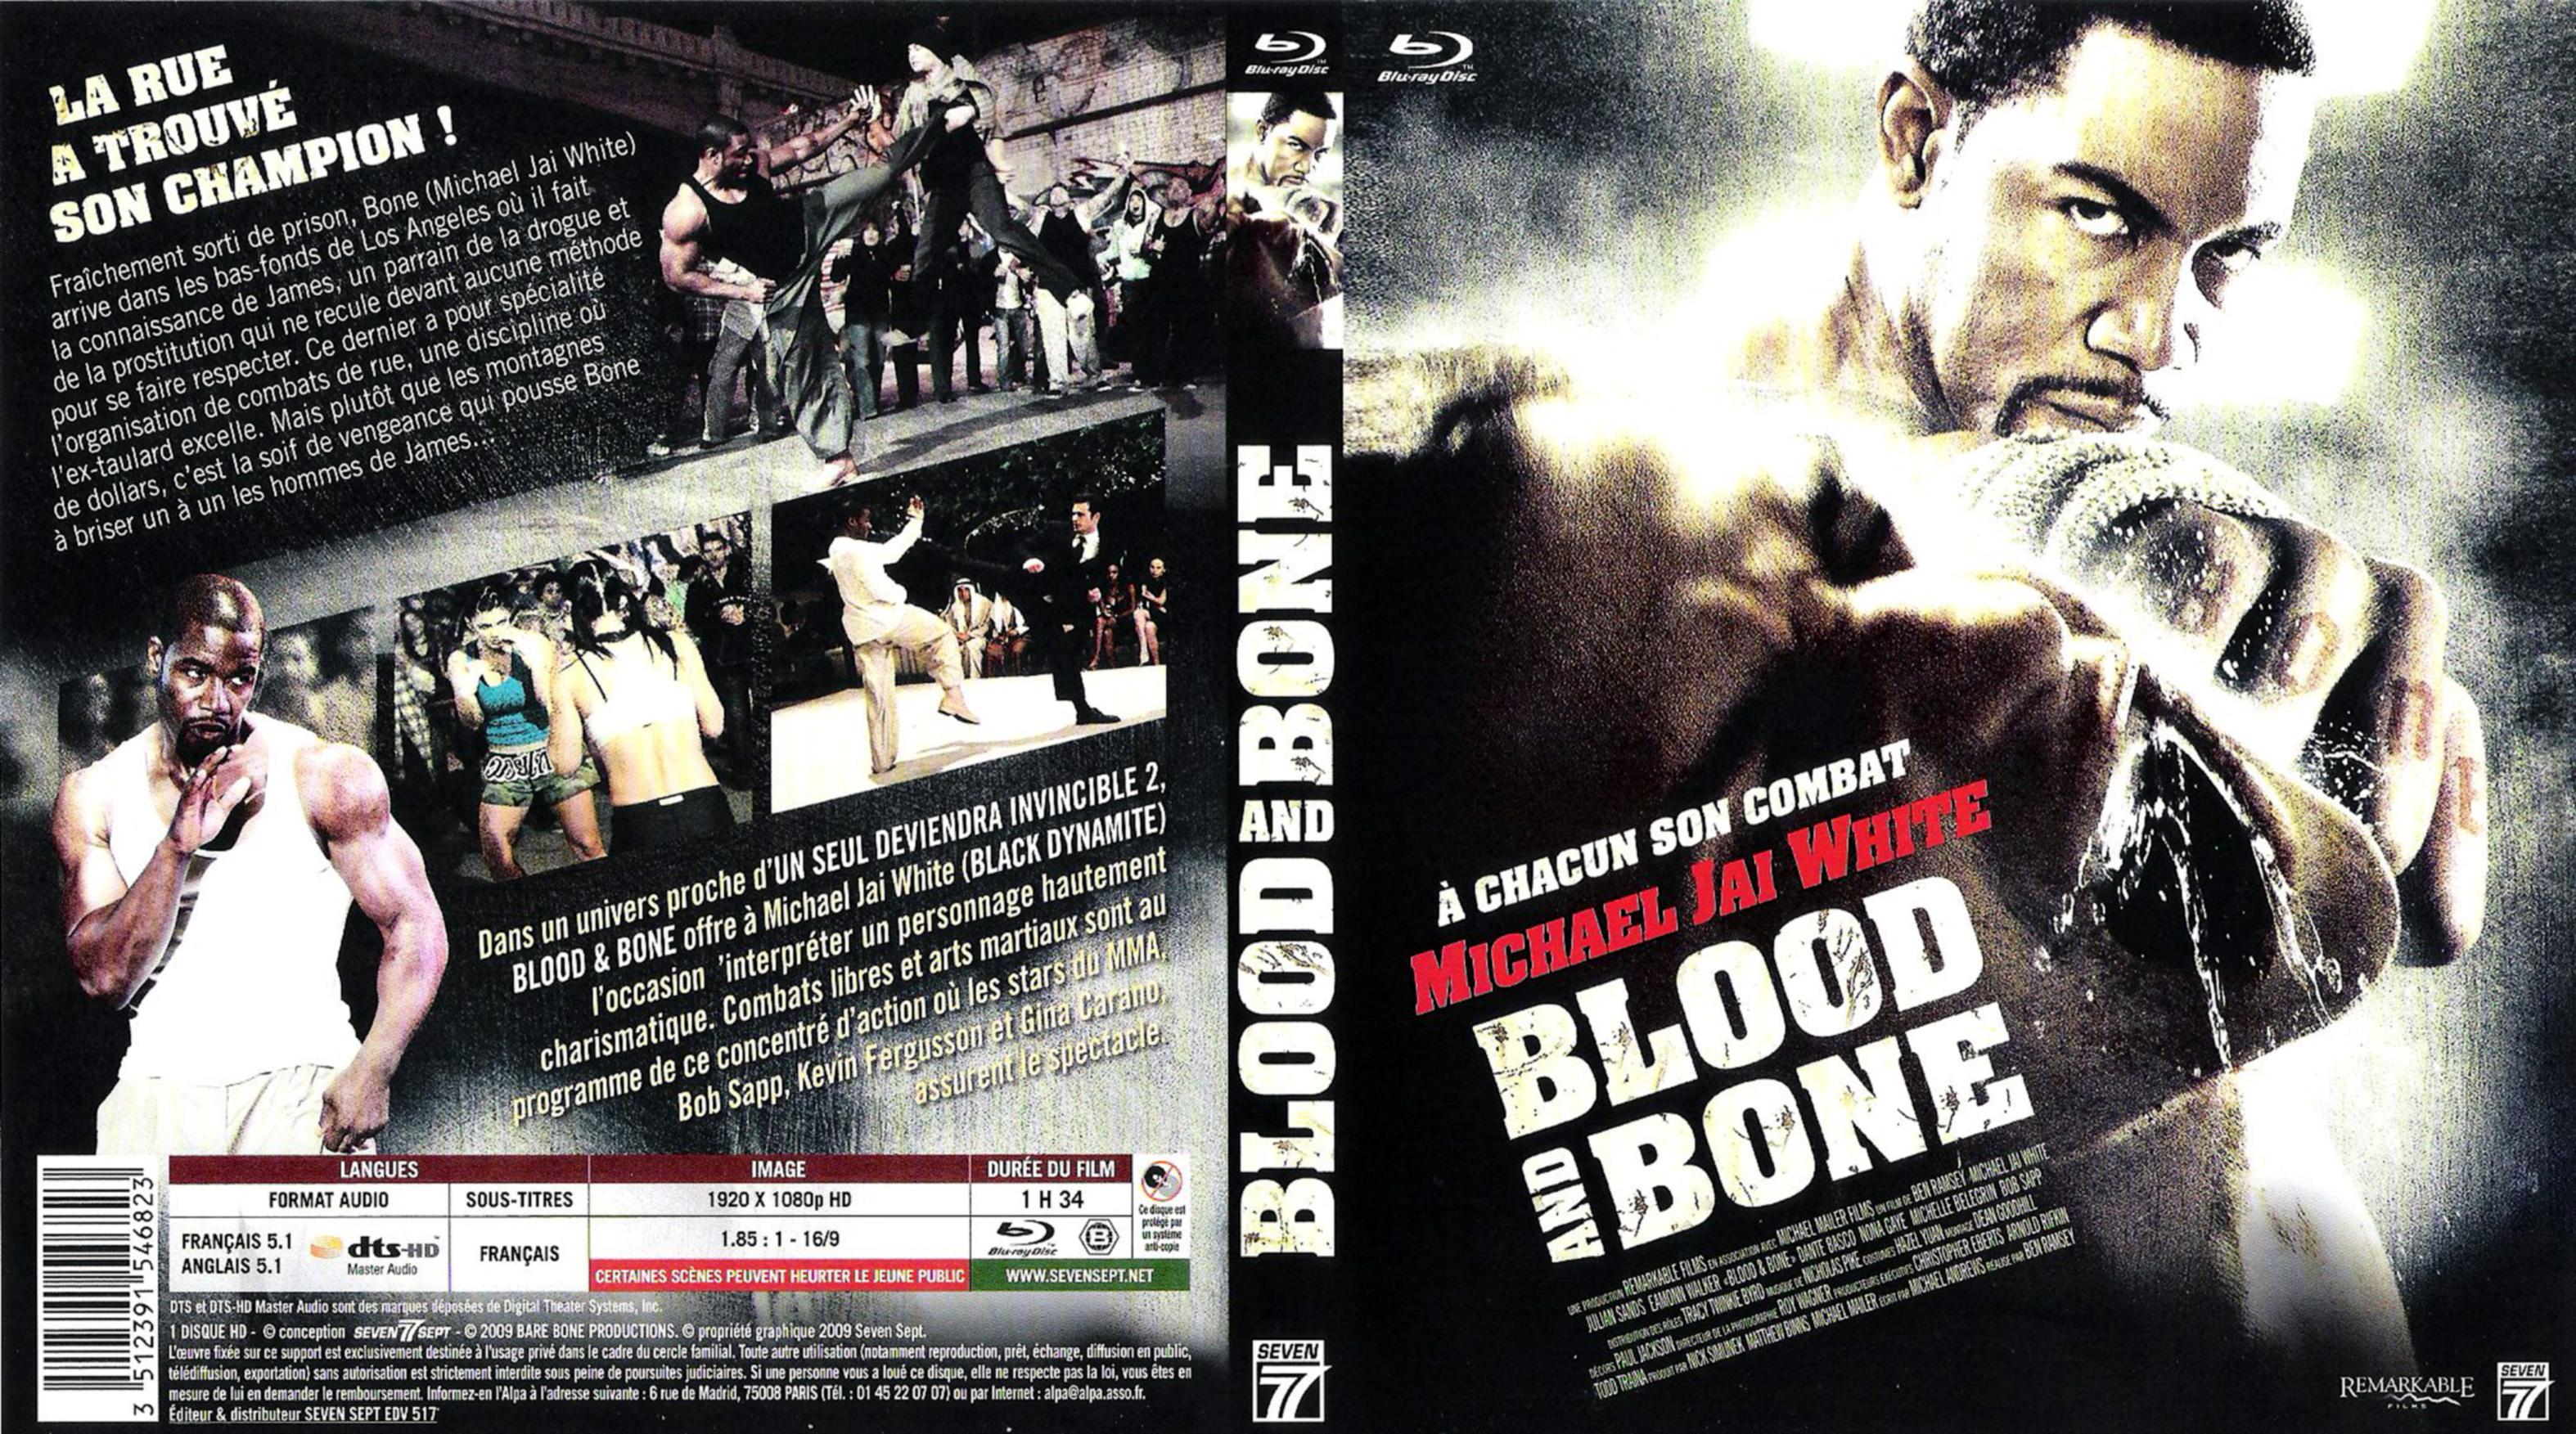 Blood and bone (blu-ray) Covers